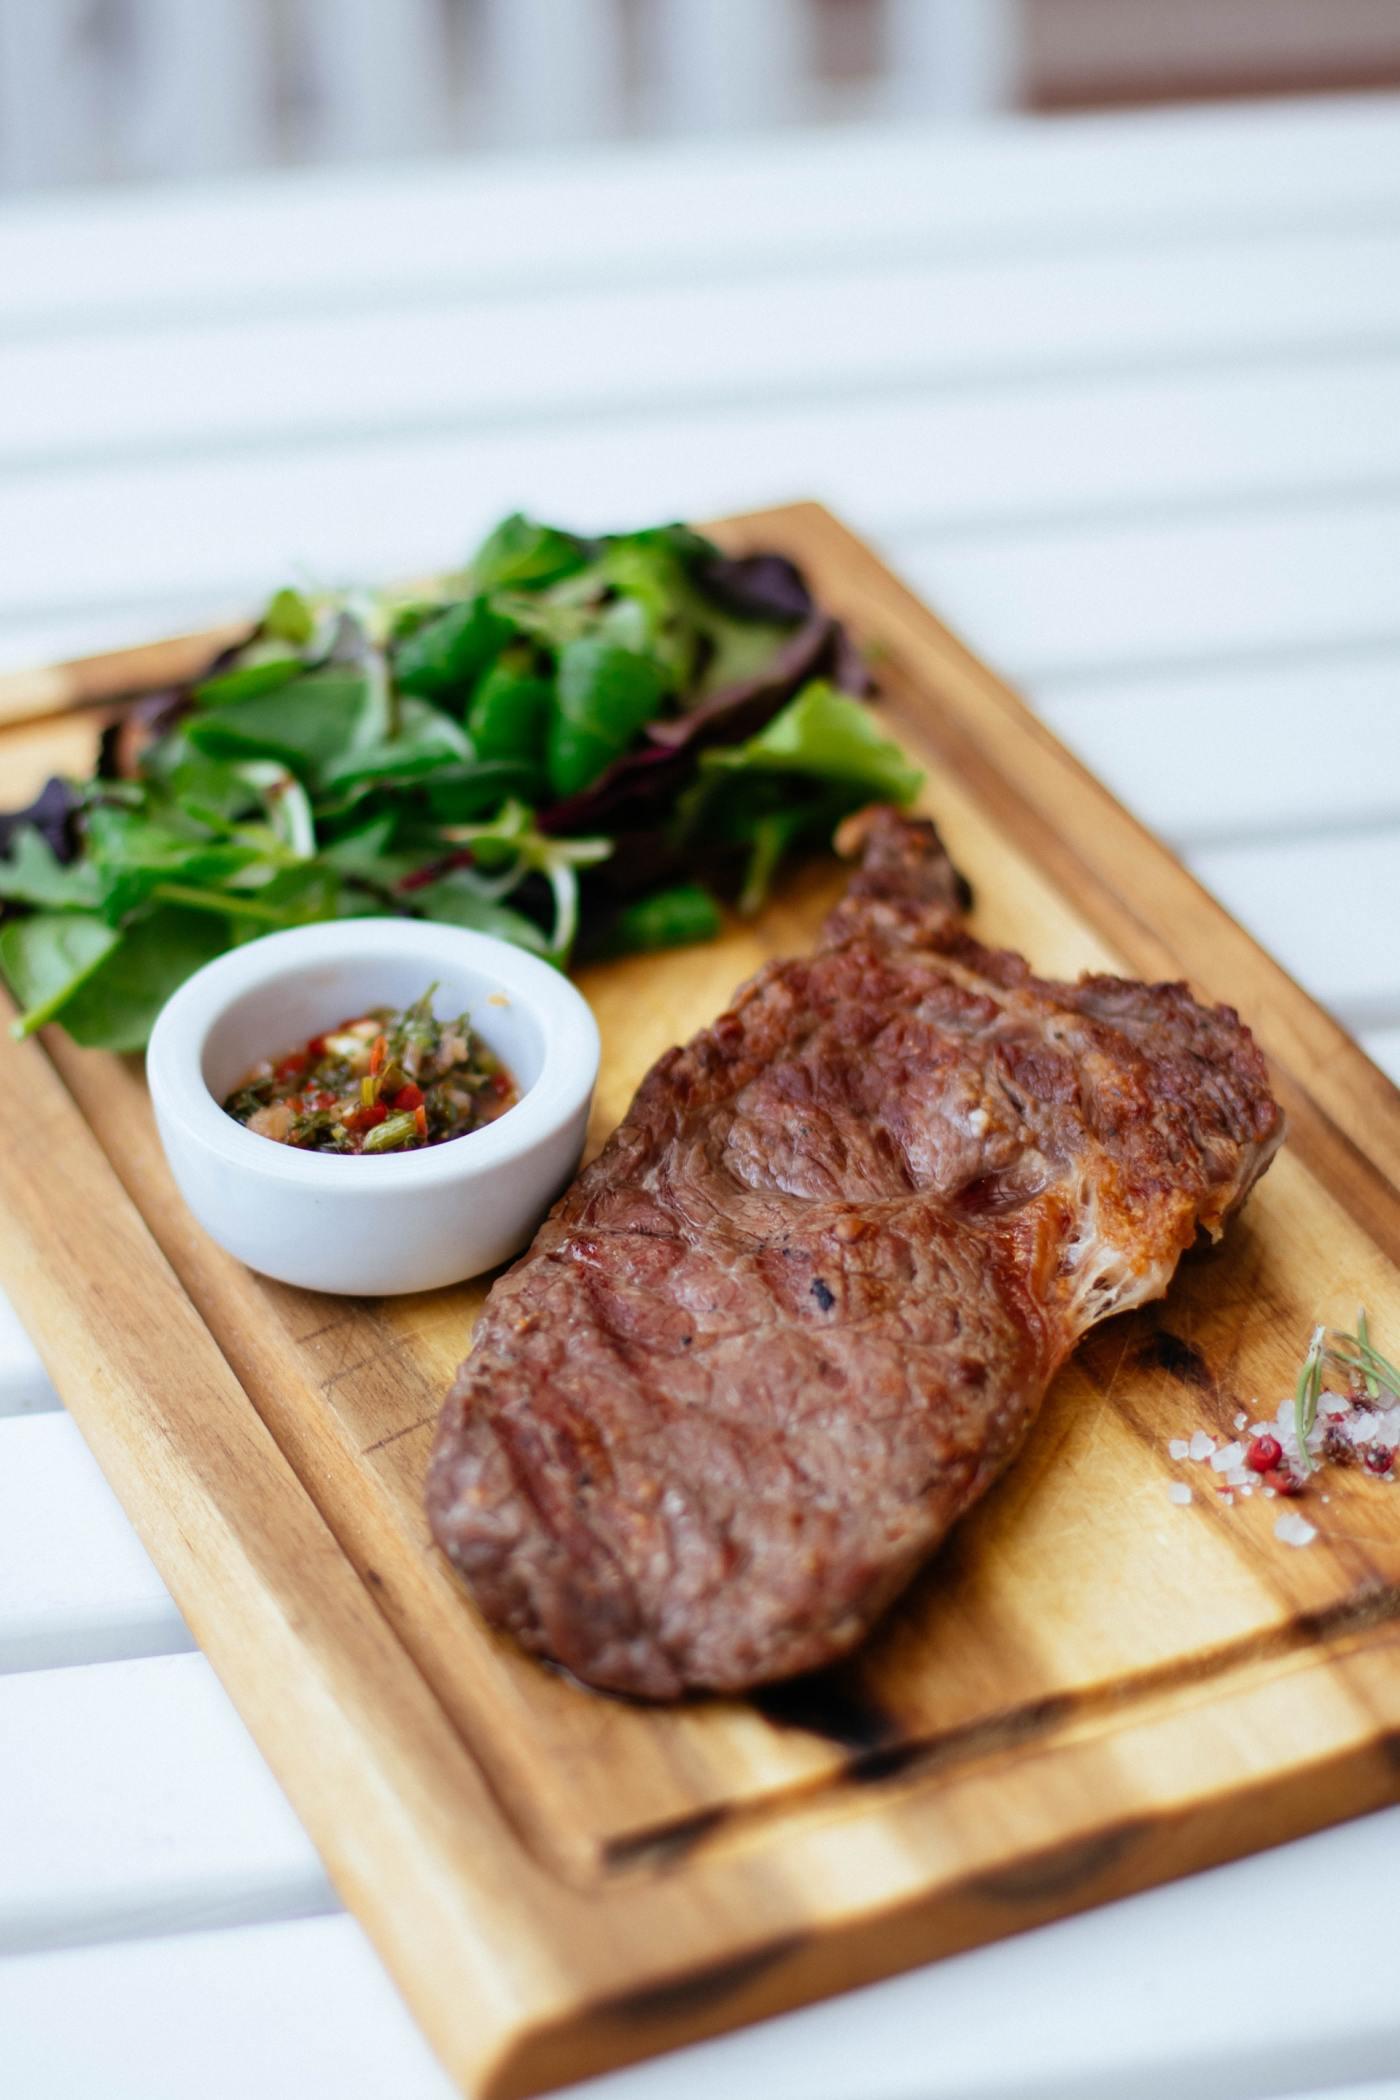 Cuisine française bistronomique, serial foodie, afroepicurien, abidjan, cote d'ivoire, restaurant français bistronomique abidjan